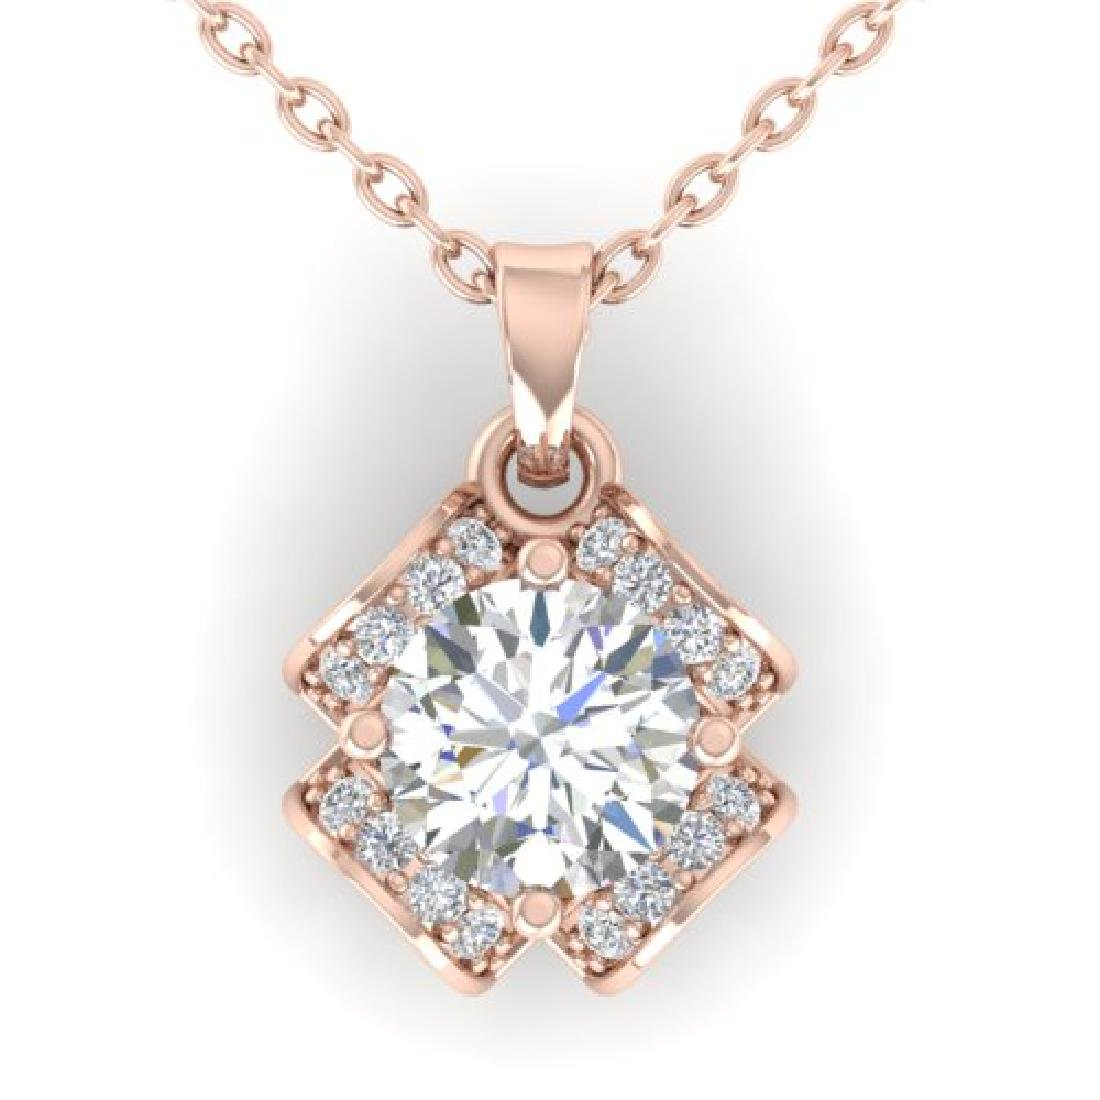 0.95 CTW Certified VS/SI Diamond Art Deco Stud Necklace